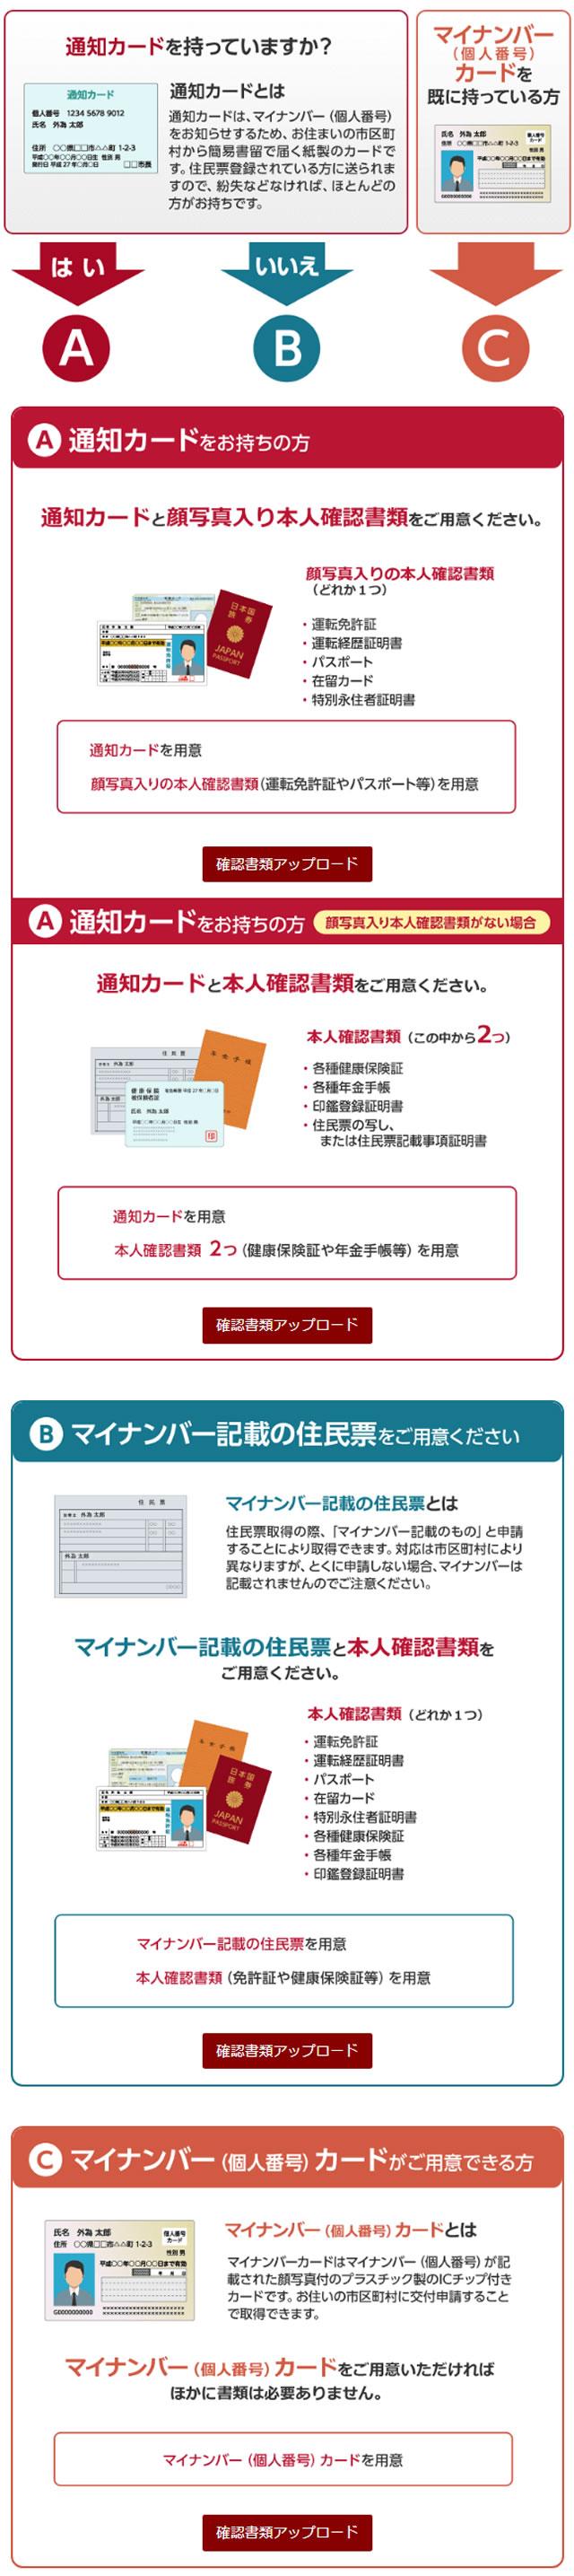 外為オンラインの口座開設方法 必要書類など口座開設の手順の詳細説明